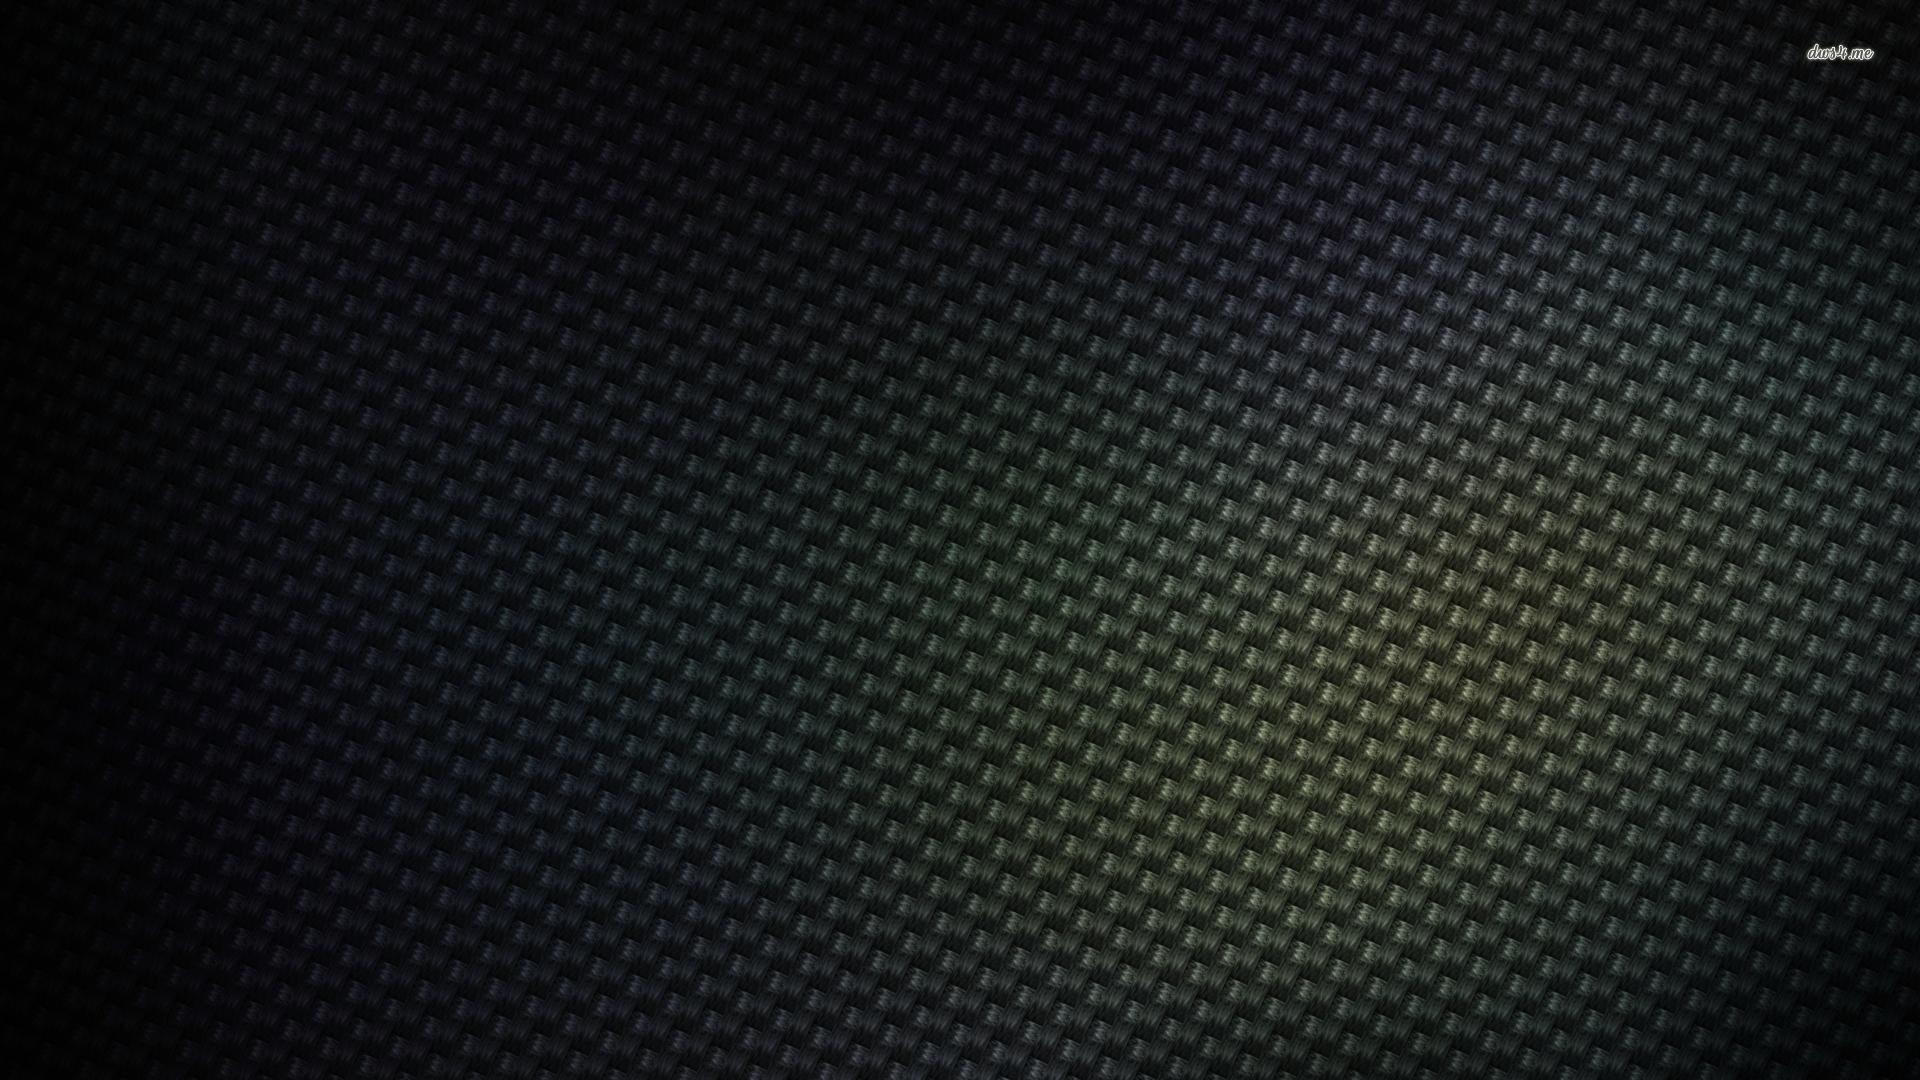 Carbon Fiber Wallpaper 1080p 8 1920x1080